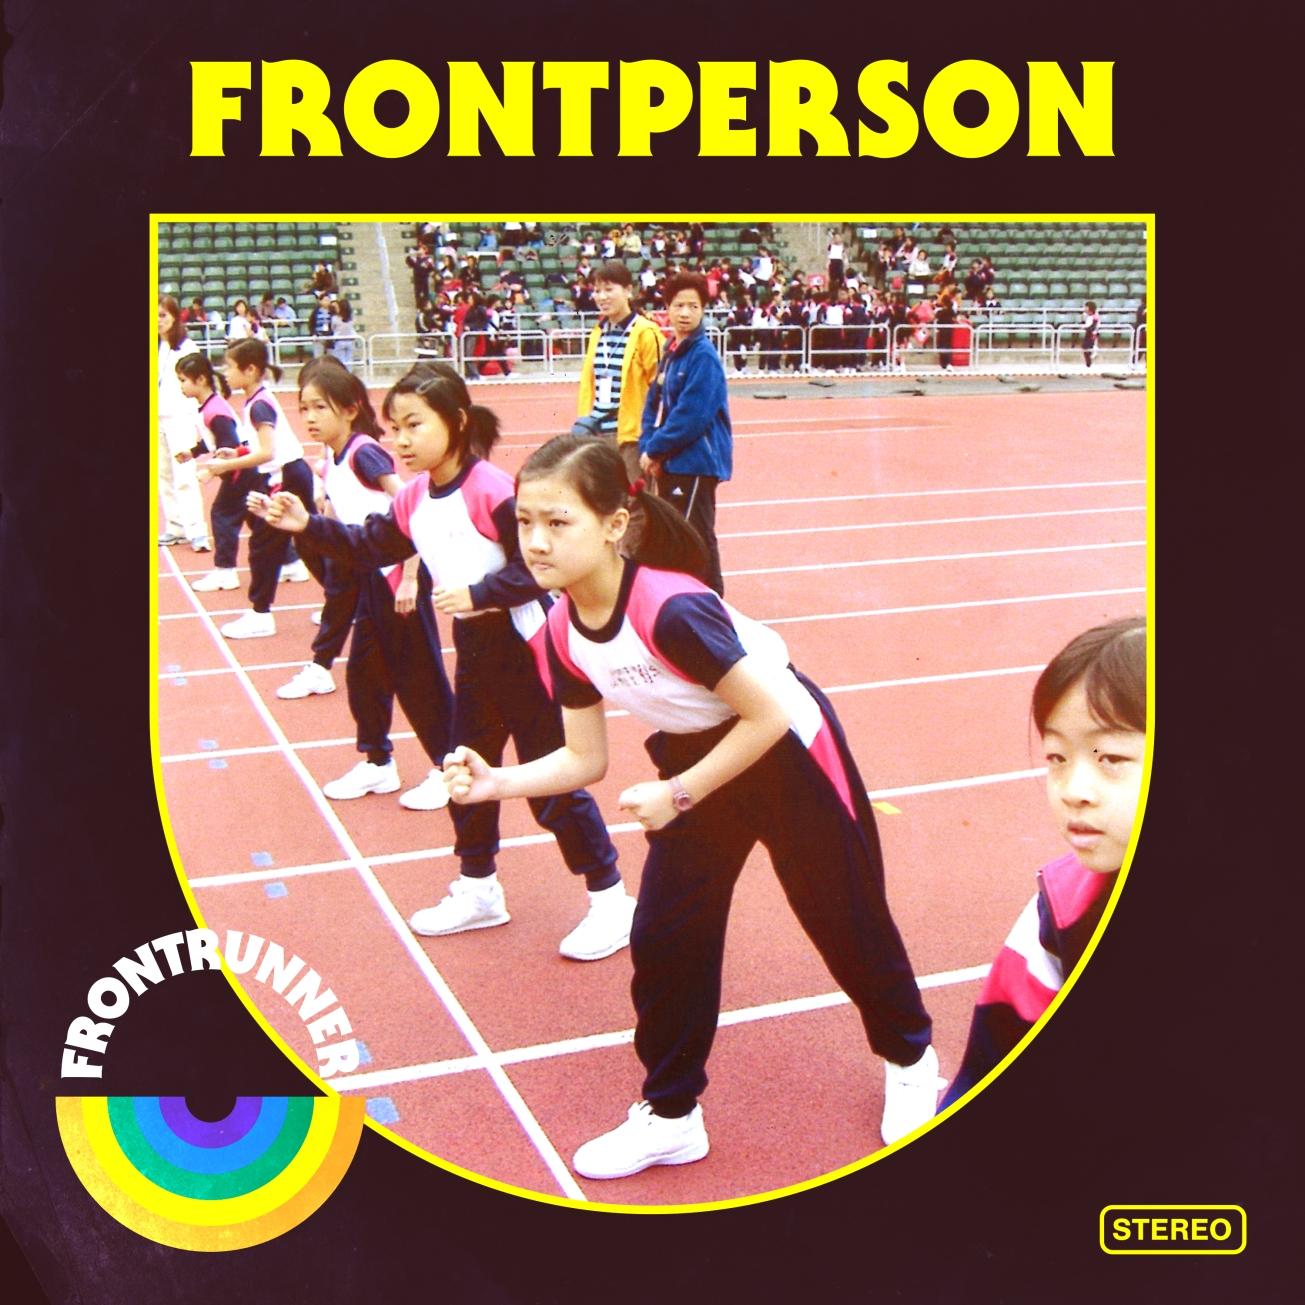 FRONTPERSON_Frontrunner_Album_3000x3000